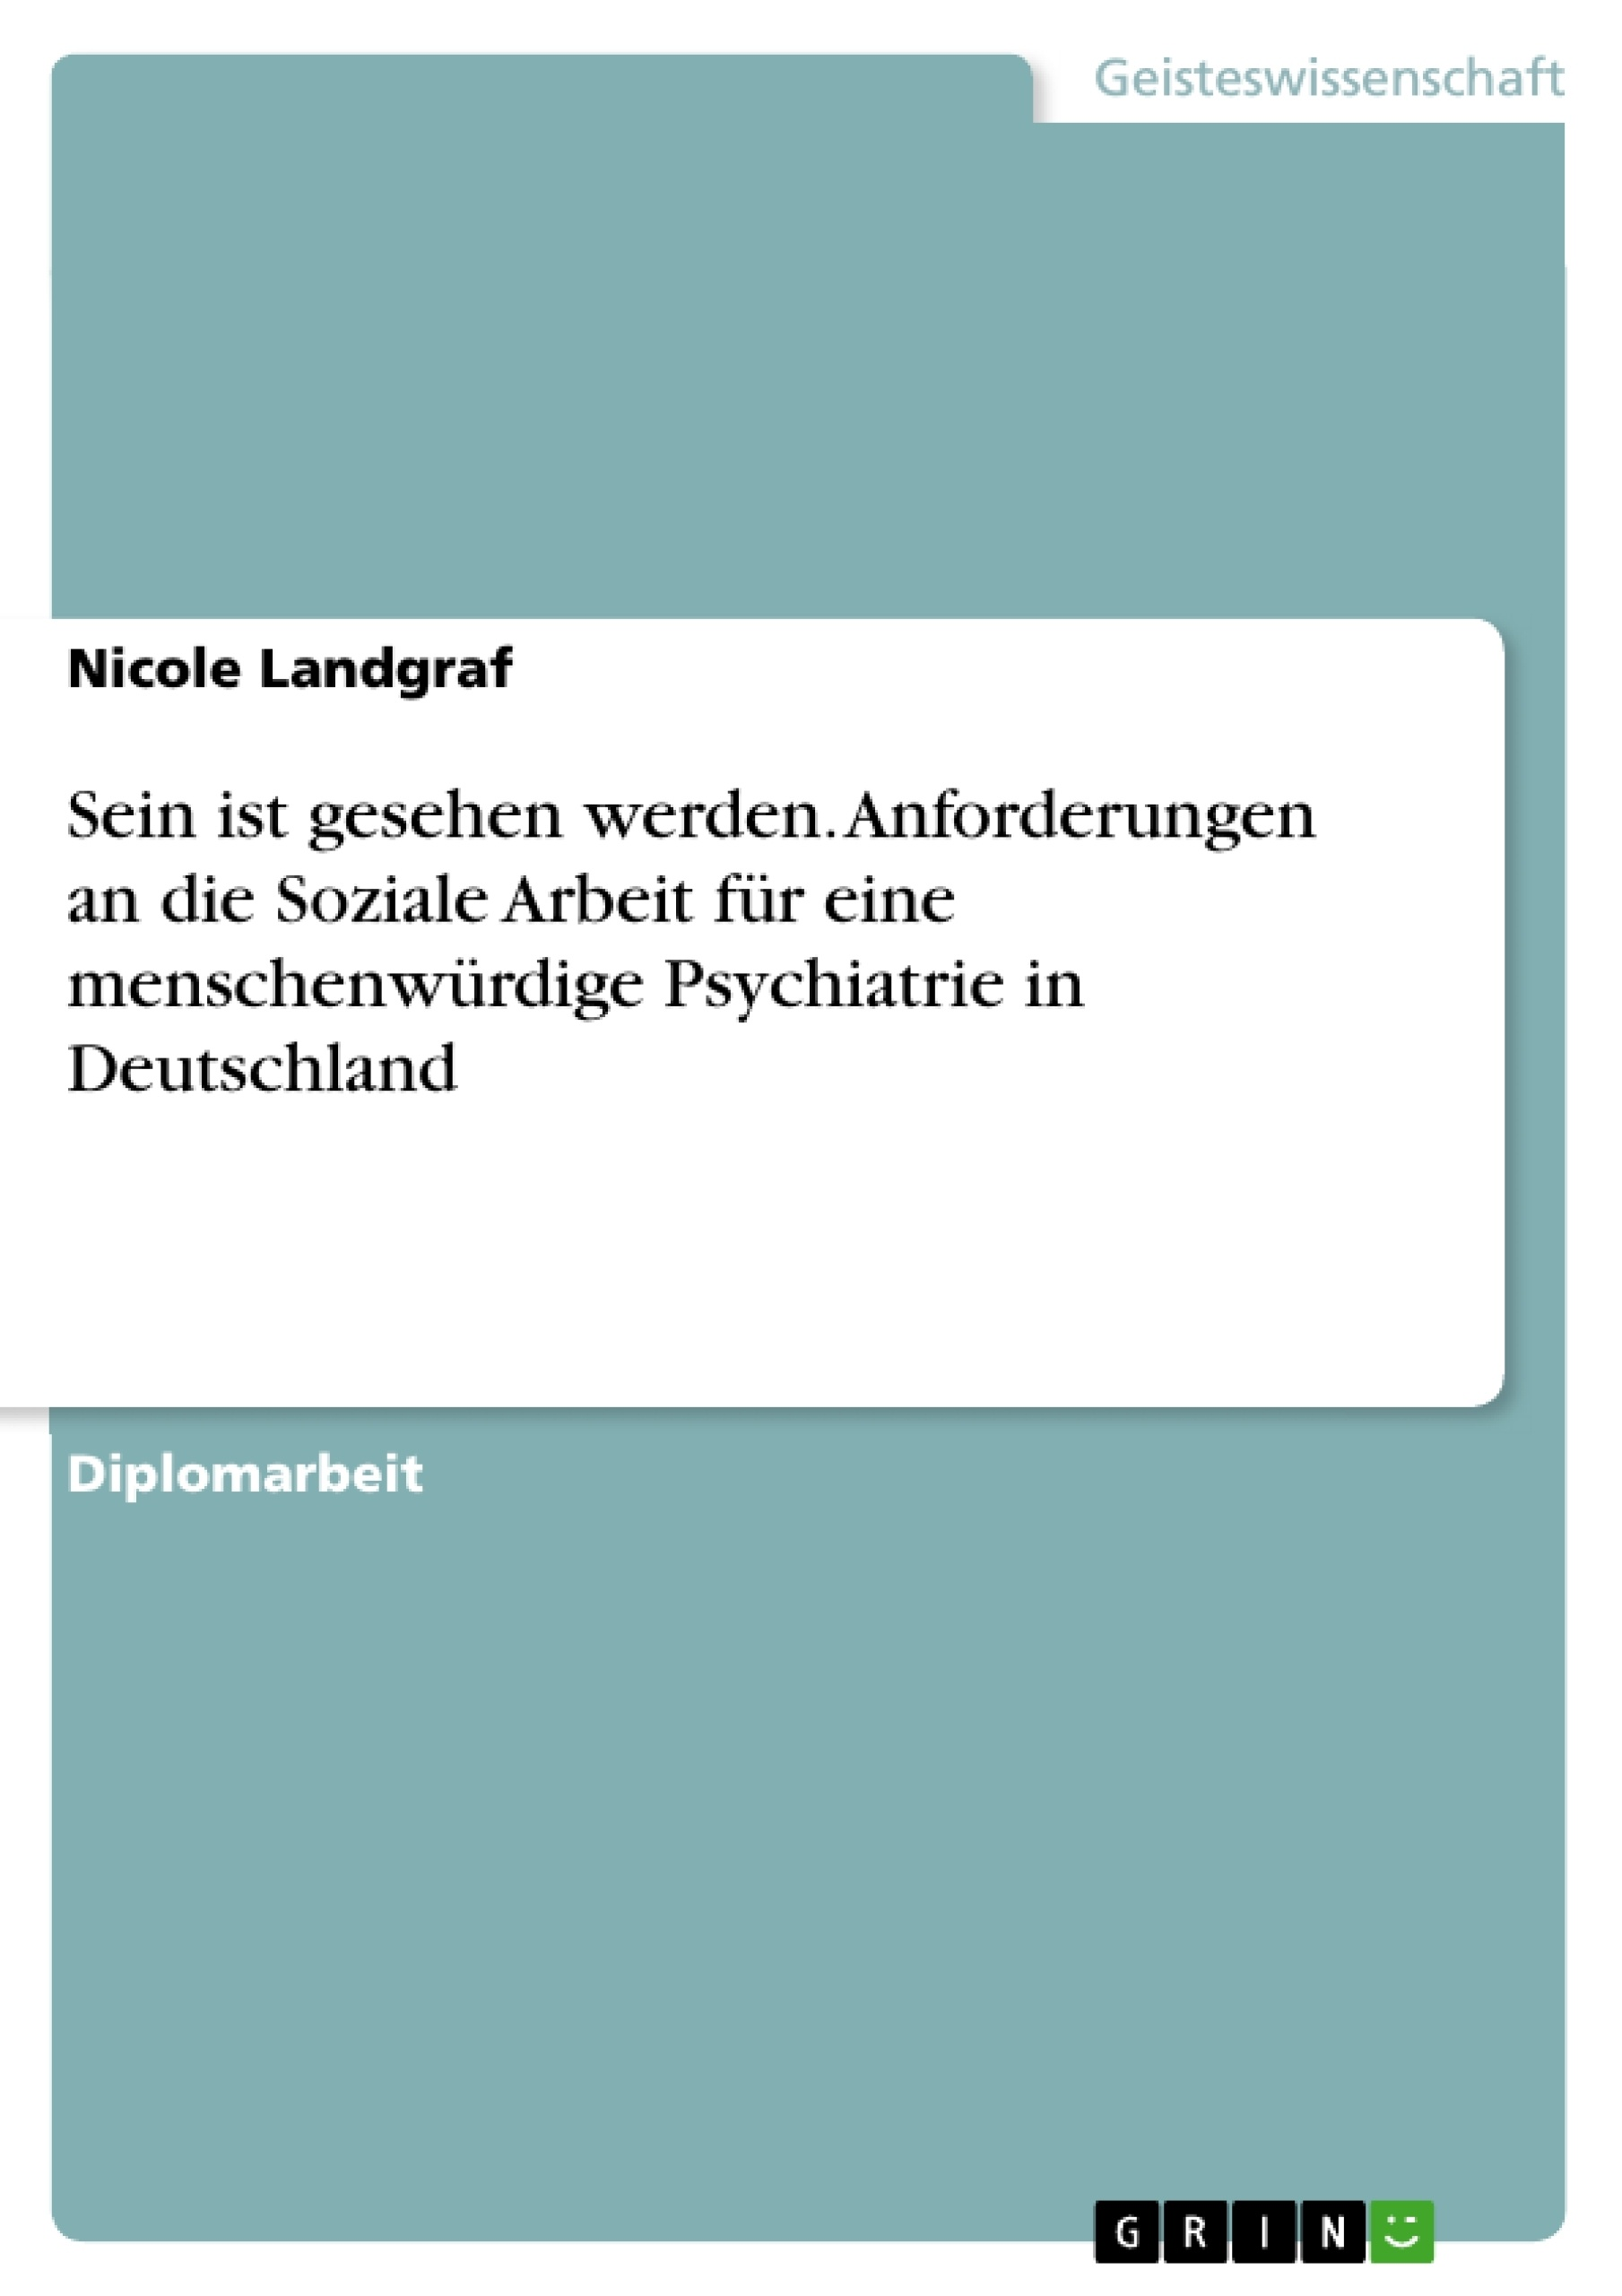 Titel: Sein ist gesehen werden. Anforderungen an die Soziale Arbeit für eine menschenwürdige Psychiatrie in Deutschland